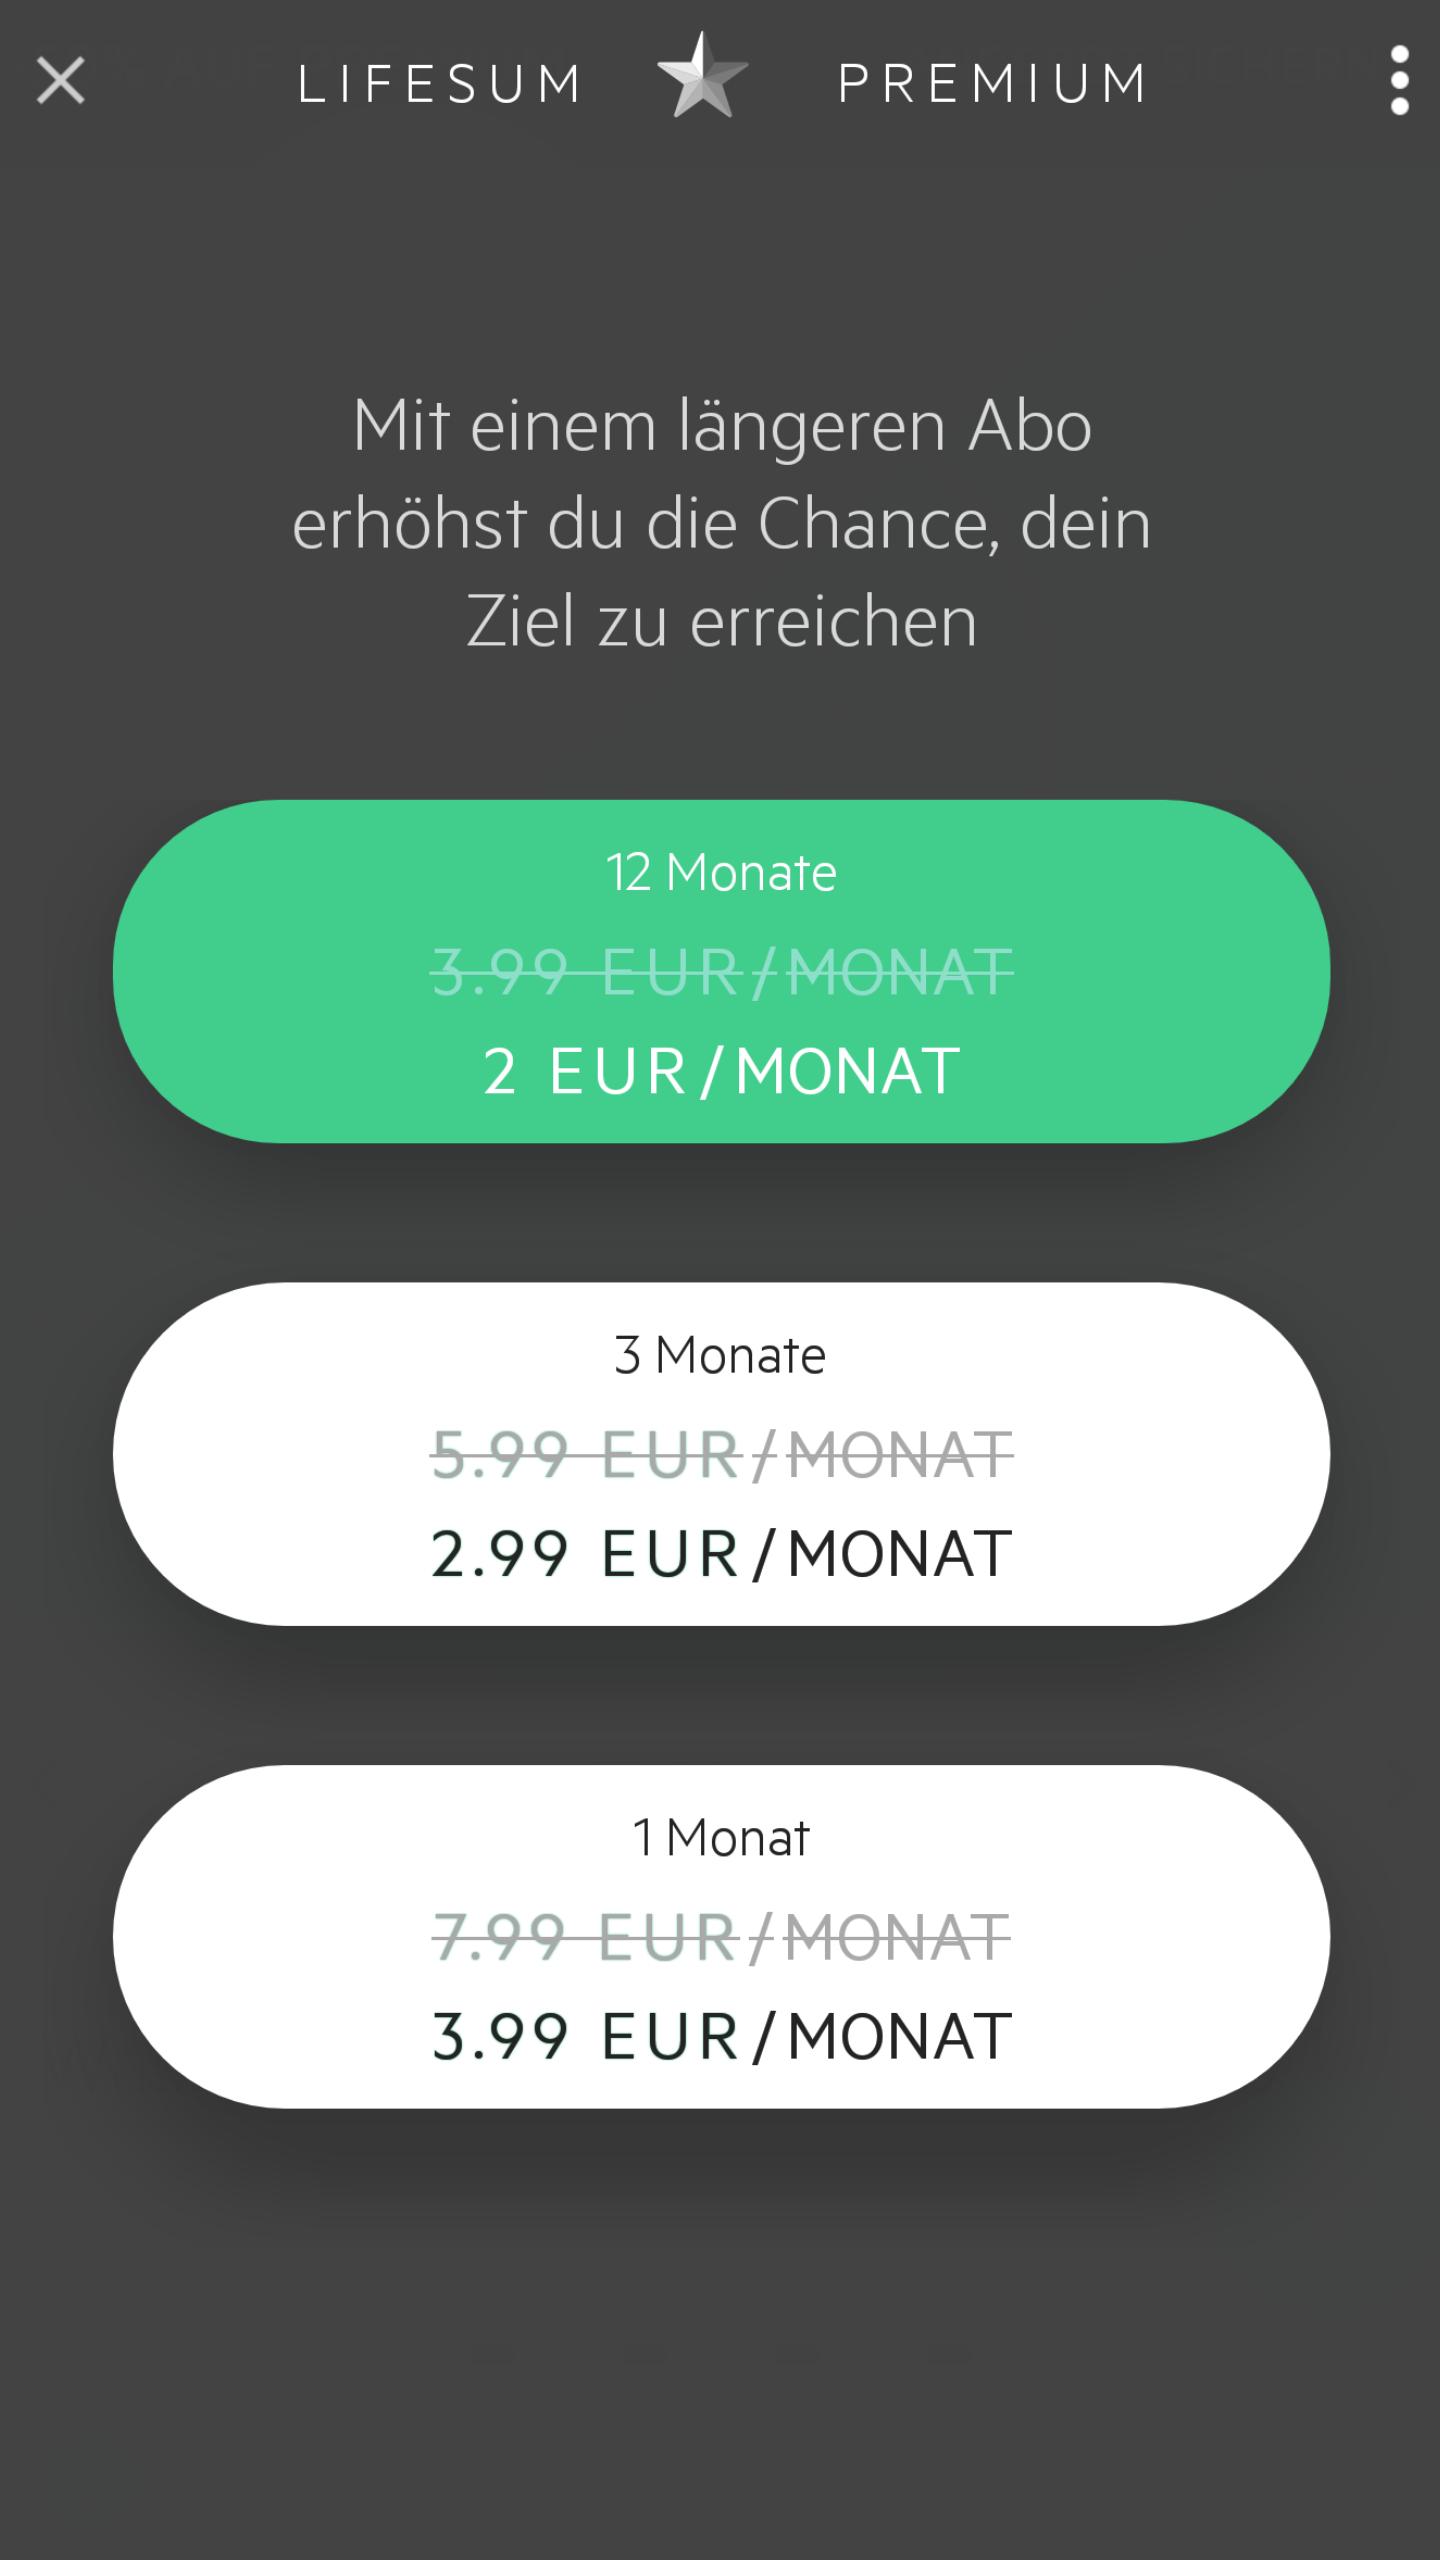 Lifesum Premium Abo (bis zu 50% Rabatt)